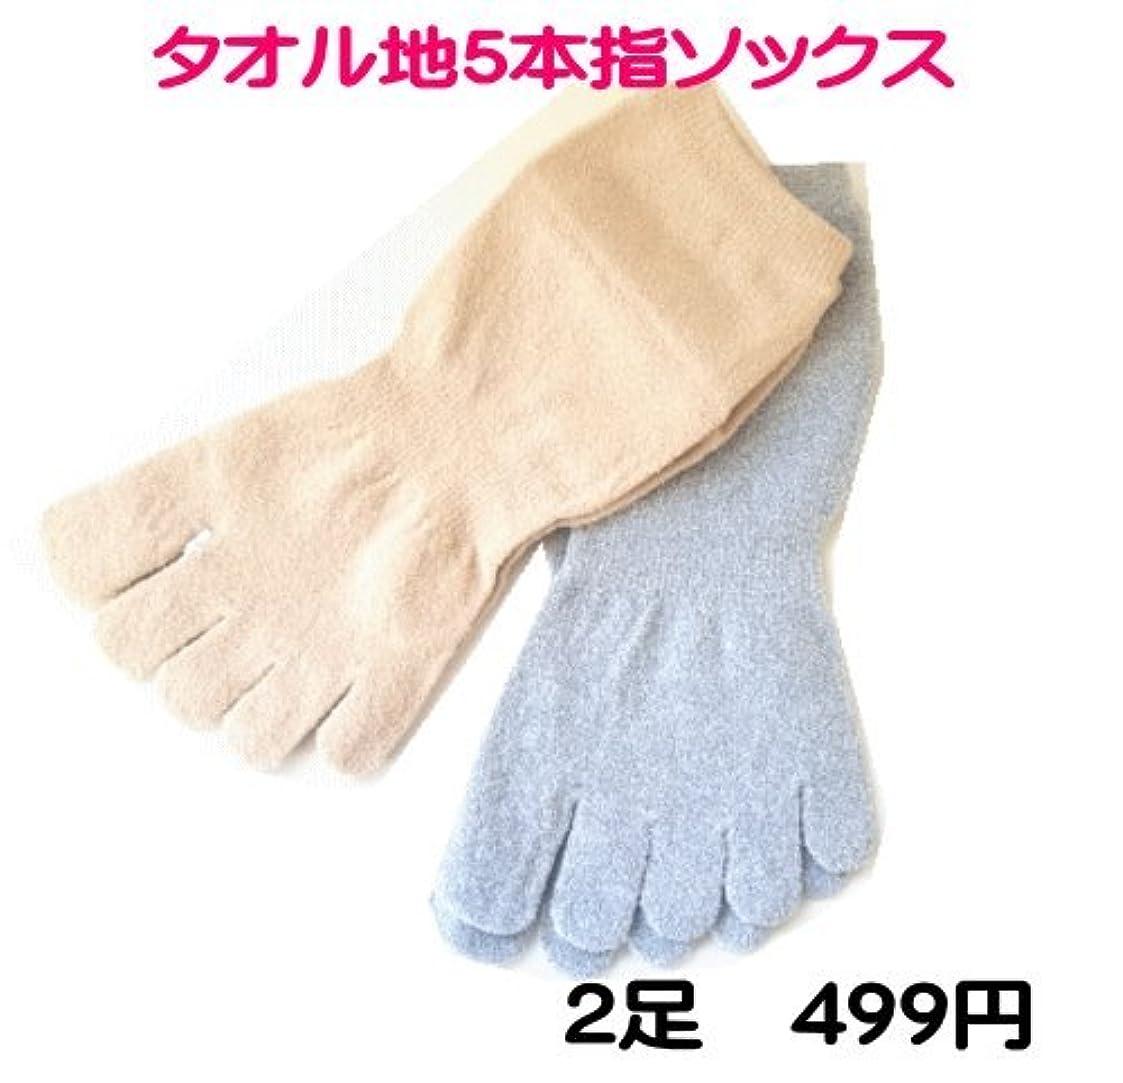 ゴミ設置ネット在庫一掃 タオルのような肌触り 5本指 ソックス ショート丈 2足組 太陽ニット